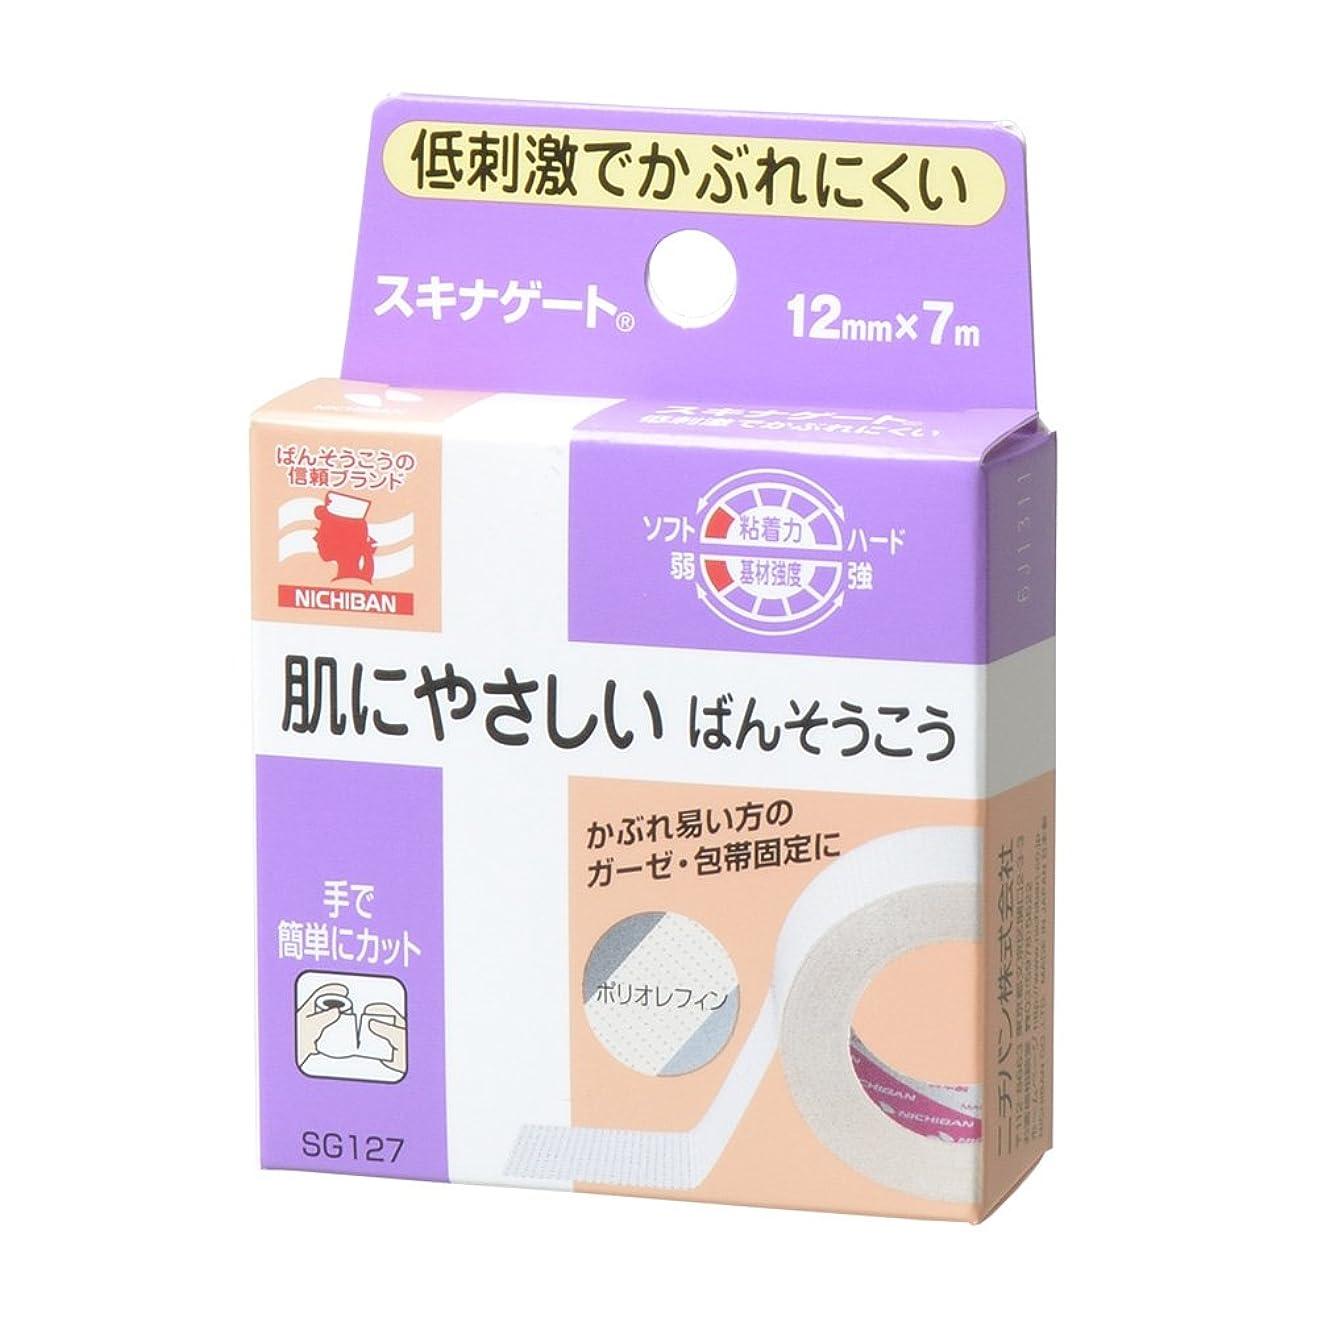 骨髄防止グリーンランドニチバン 低刺激巻ばんそう膏 スキナゲート 12mm幅 7m巻き 1巻入り